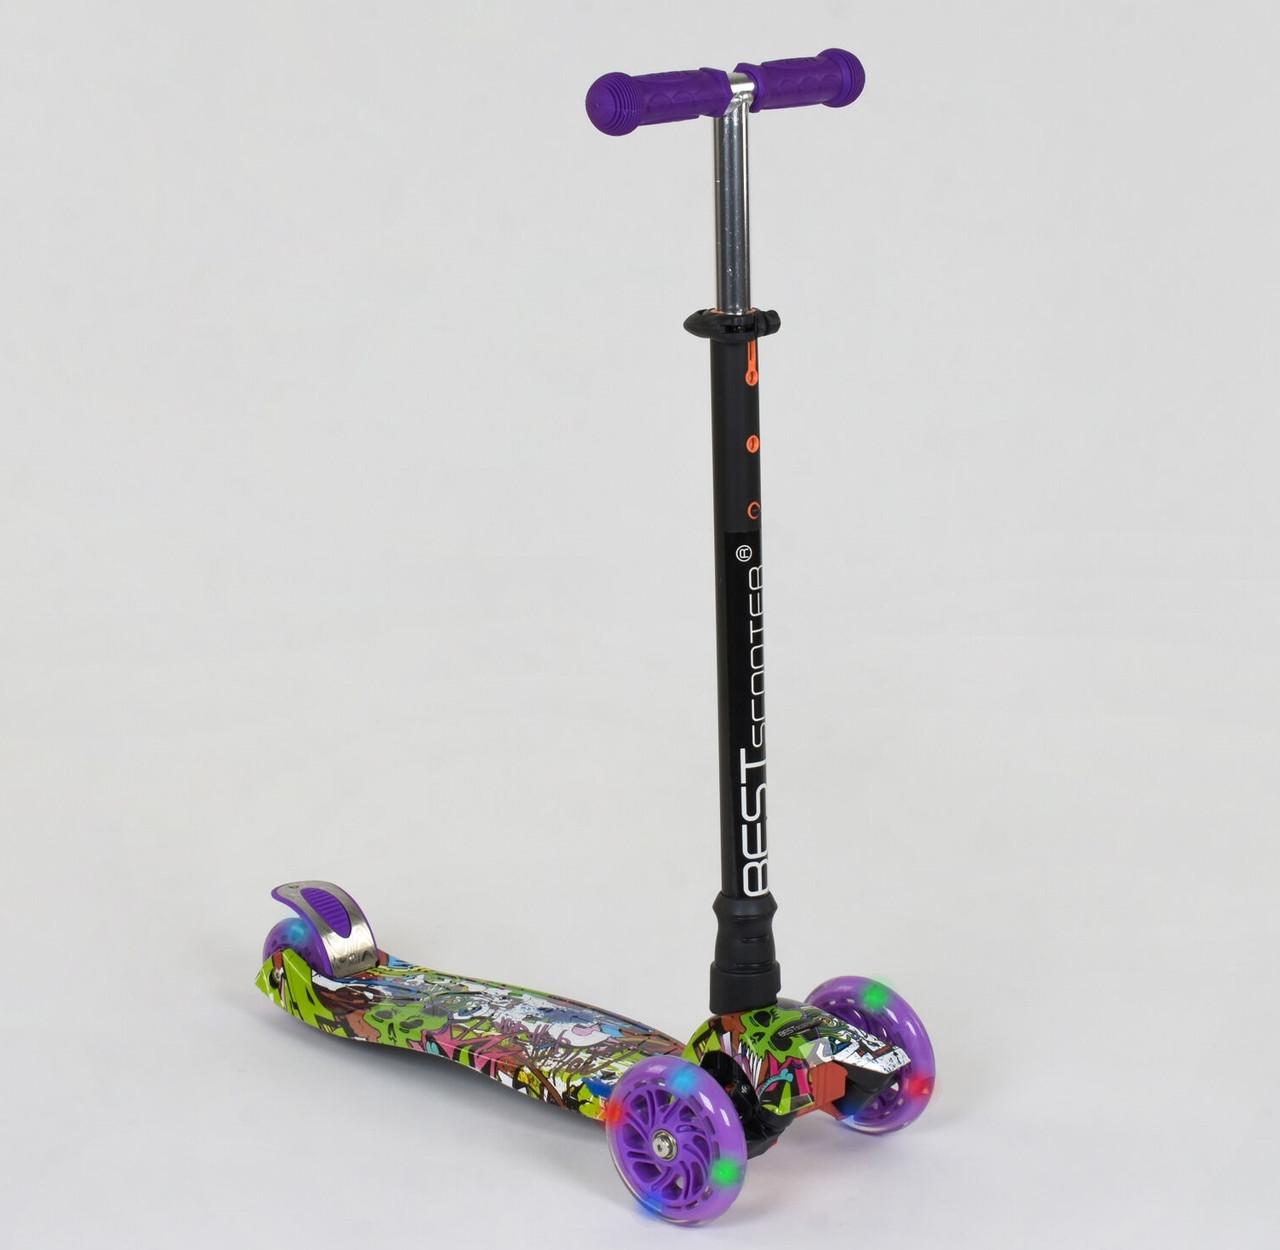 Самокат Best scooter MAXI граффити А 24646 /779-1390